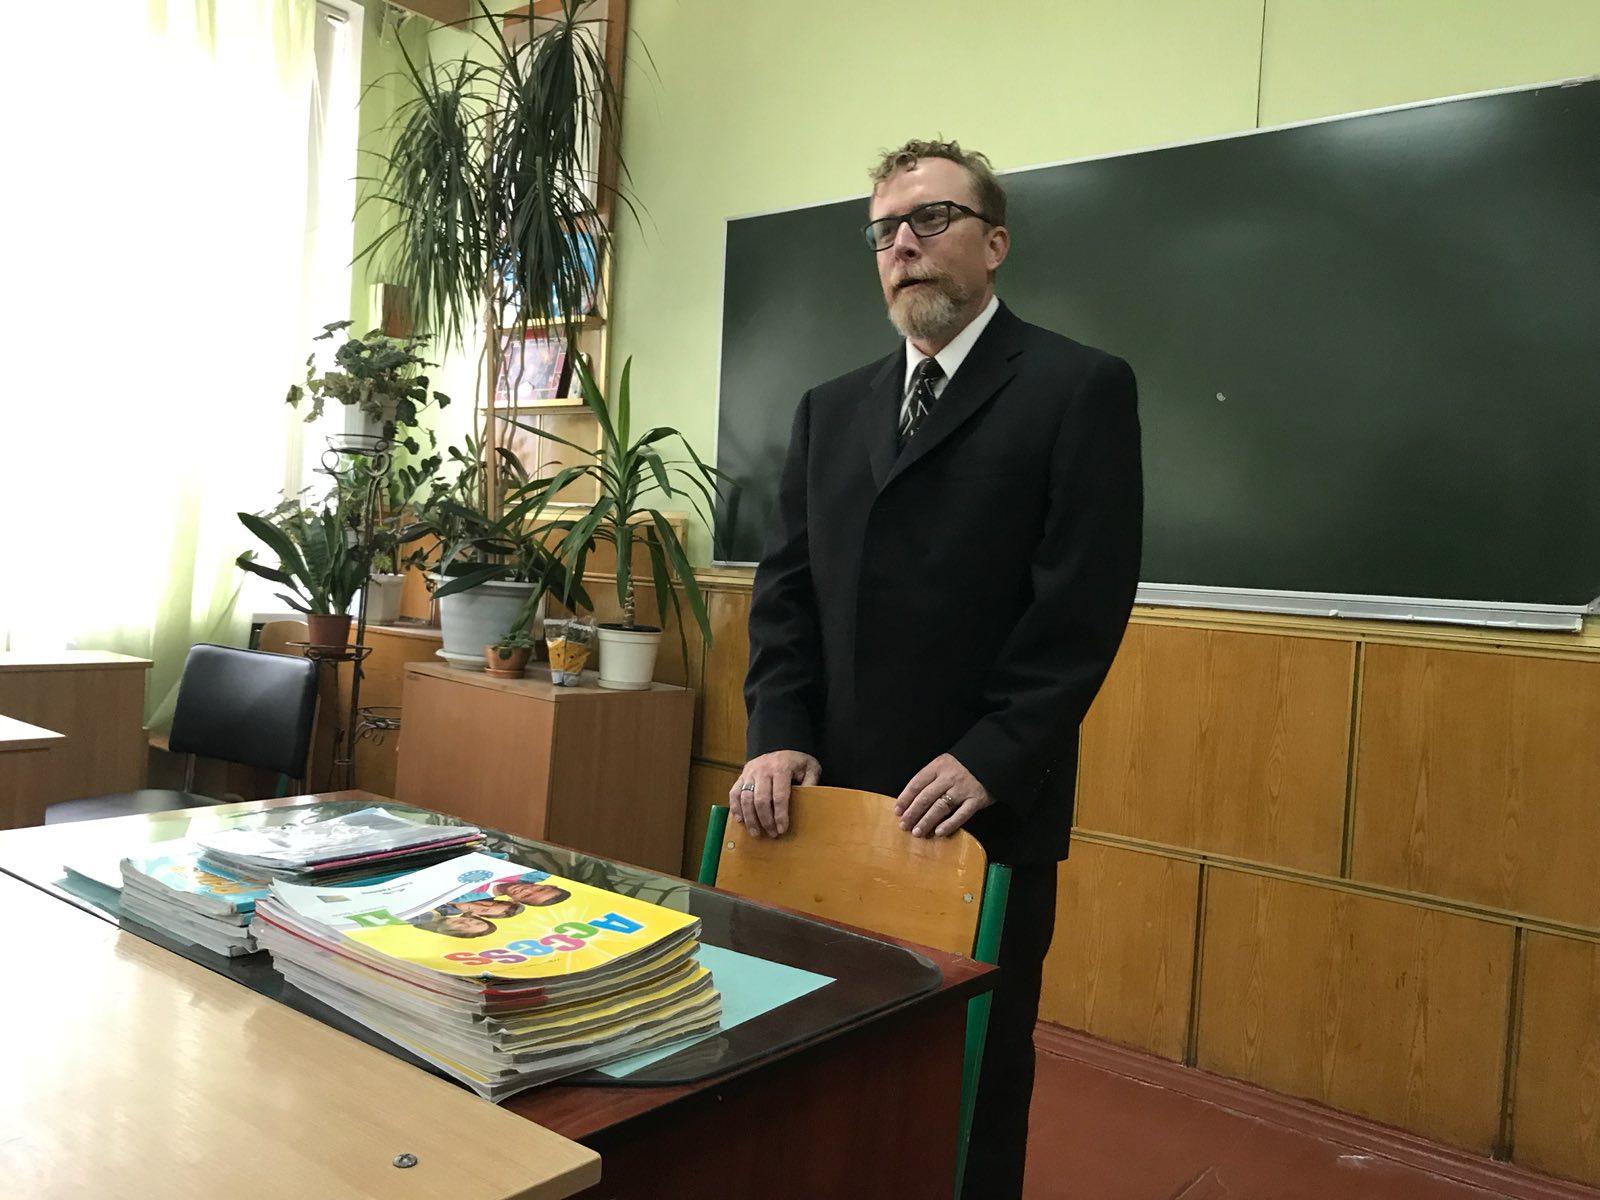 yzobrazhenye_viber_2019-10-22_15-08-35 Учні шкіл Броварів зустрілися з представником американського міста-побратима Рокфорда